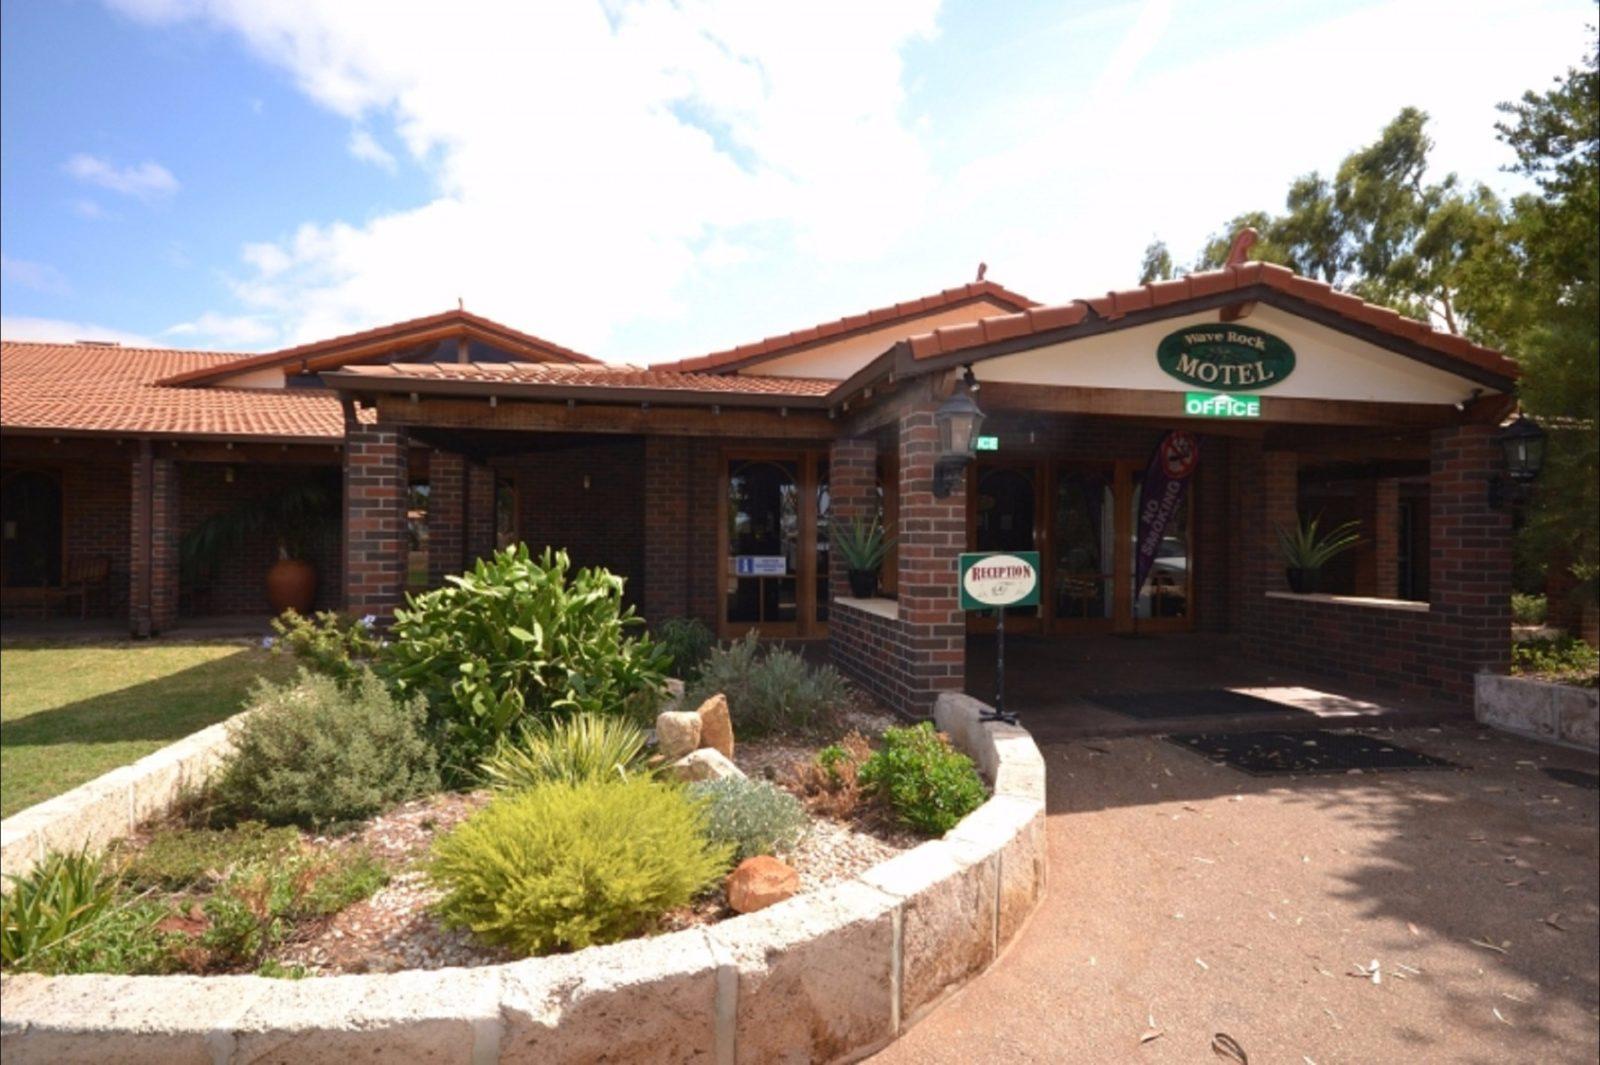 Wave Rock Motel, Wave Rock, Western Australia